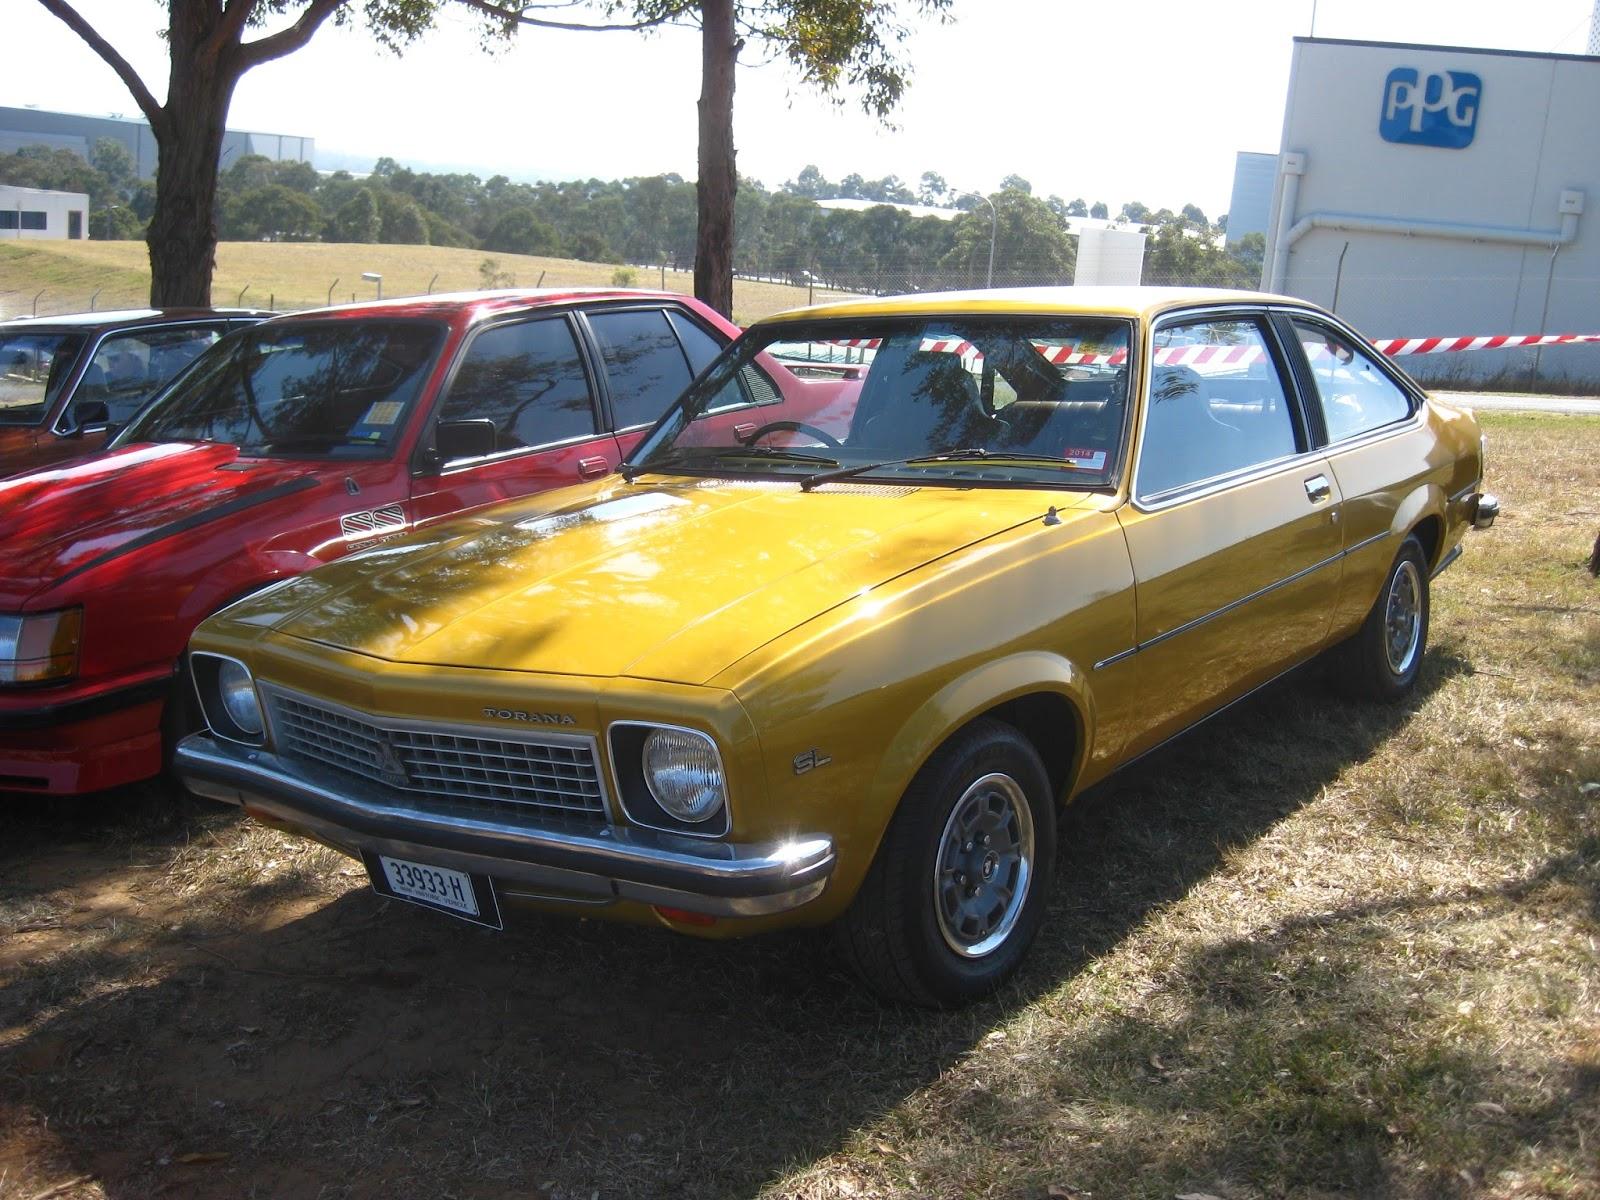 Aussie Old Parked Cars: 1976 Holden LX Torana SL Hatchback